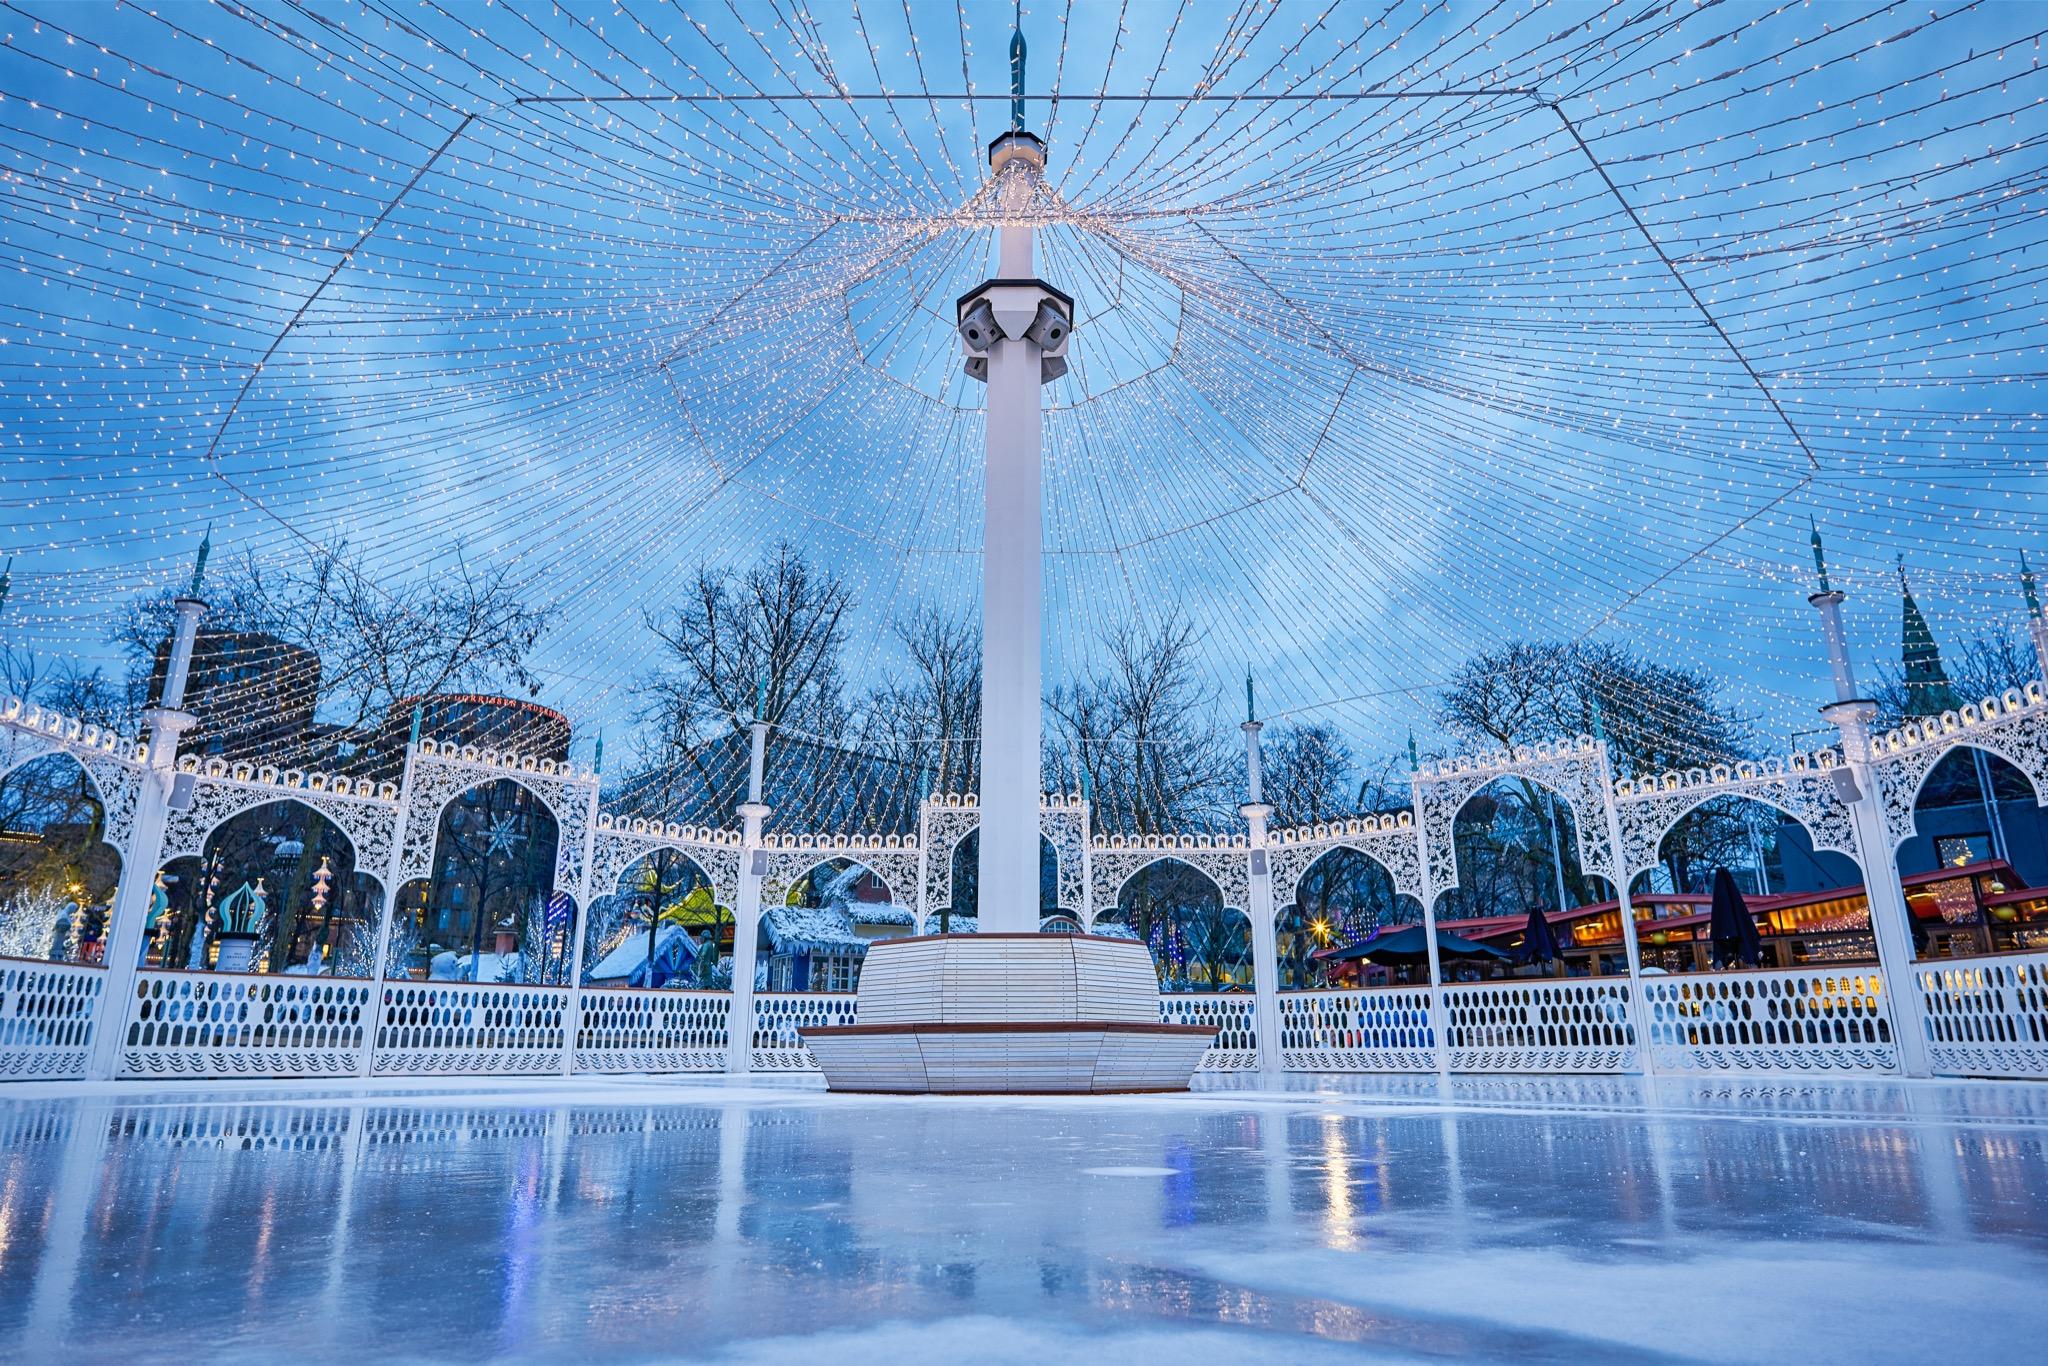 Copenaghen Light Festival-Giardini di Tivoli-Copenaghen-Danimarca